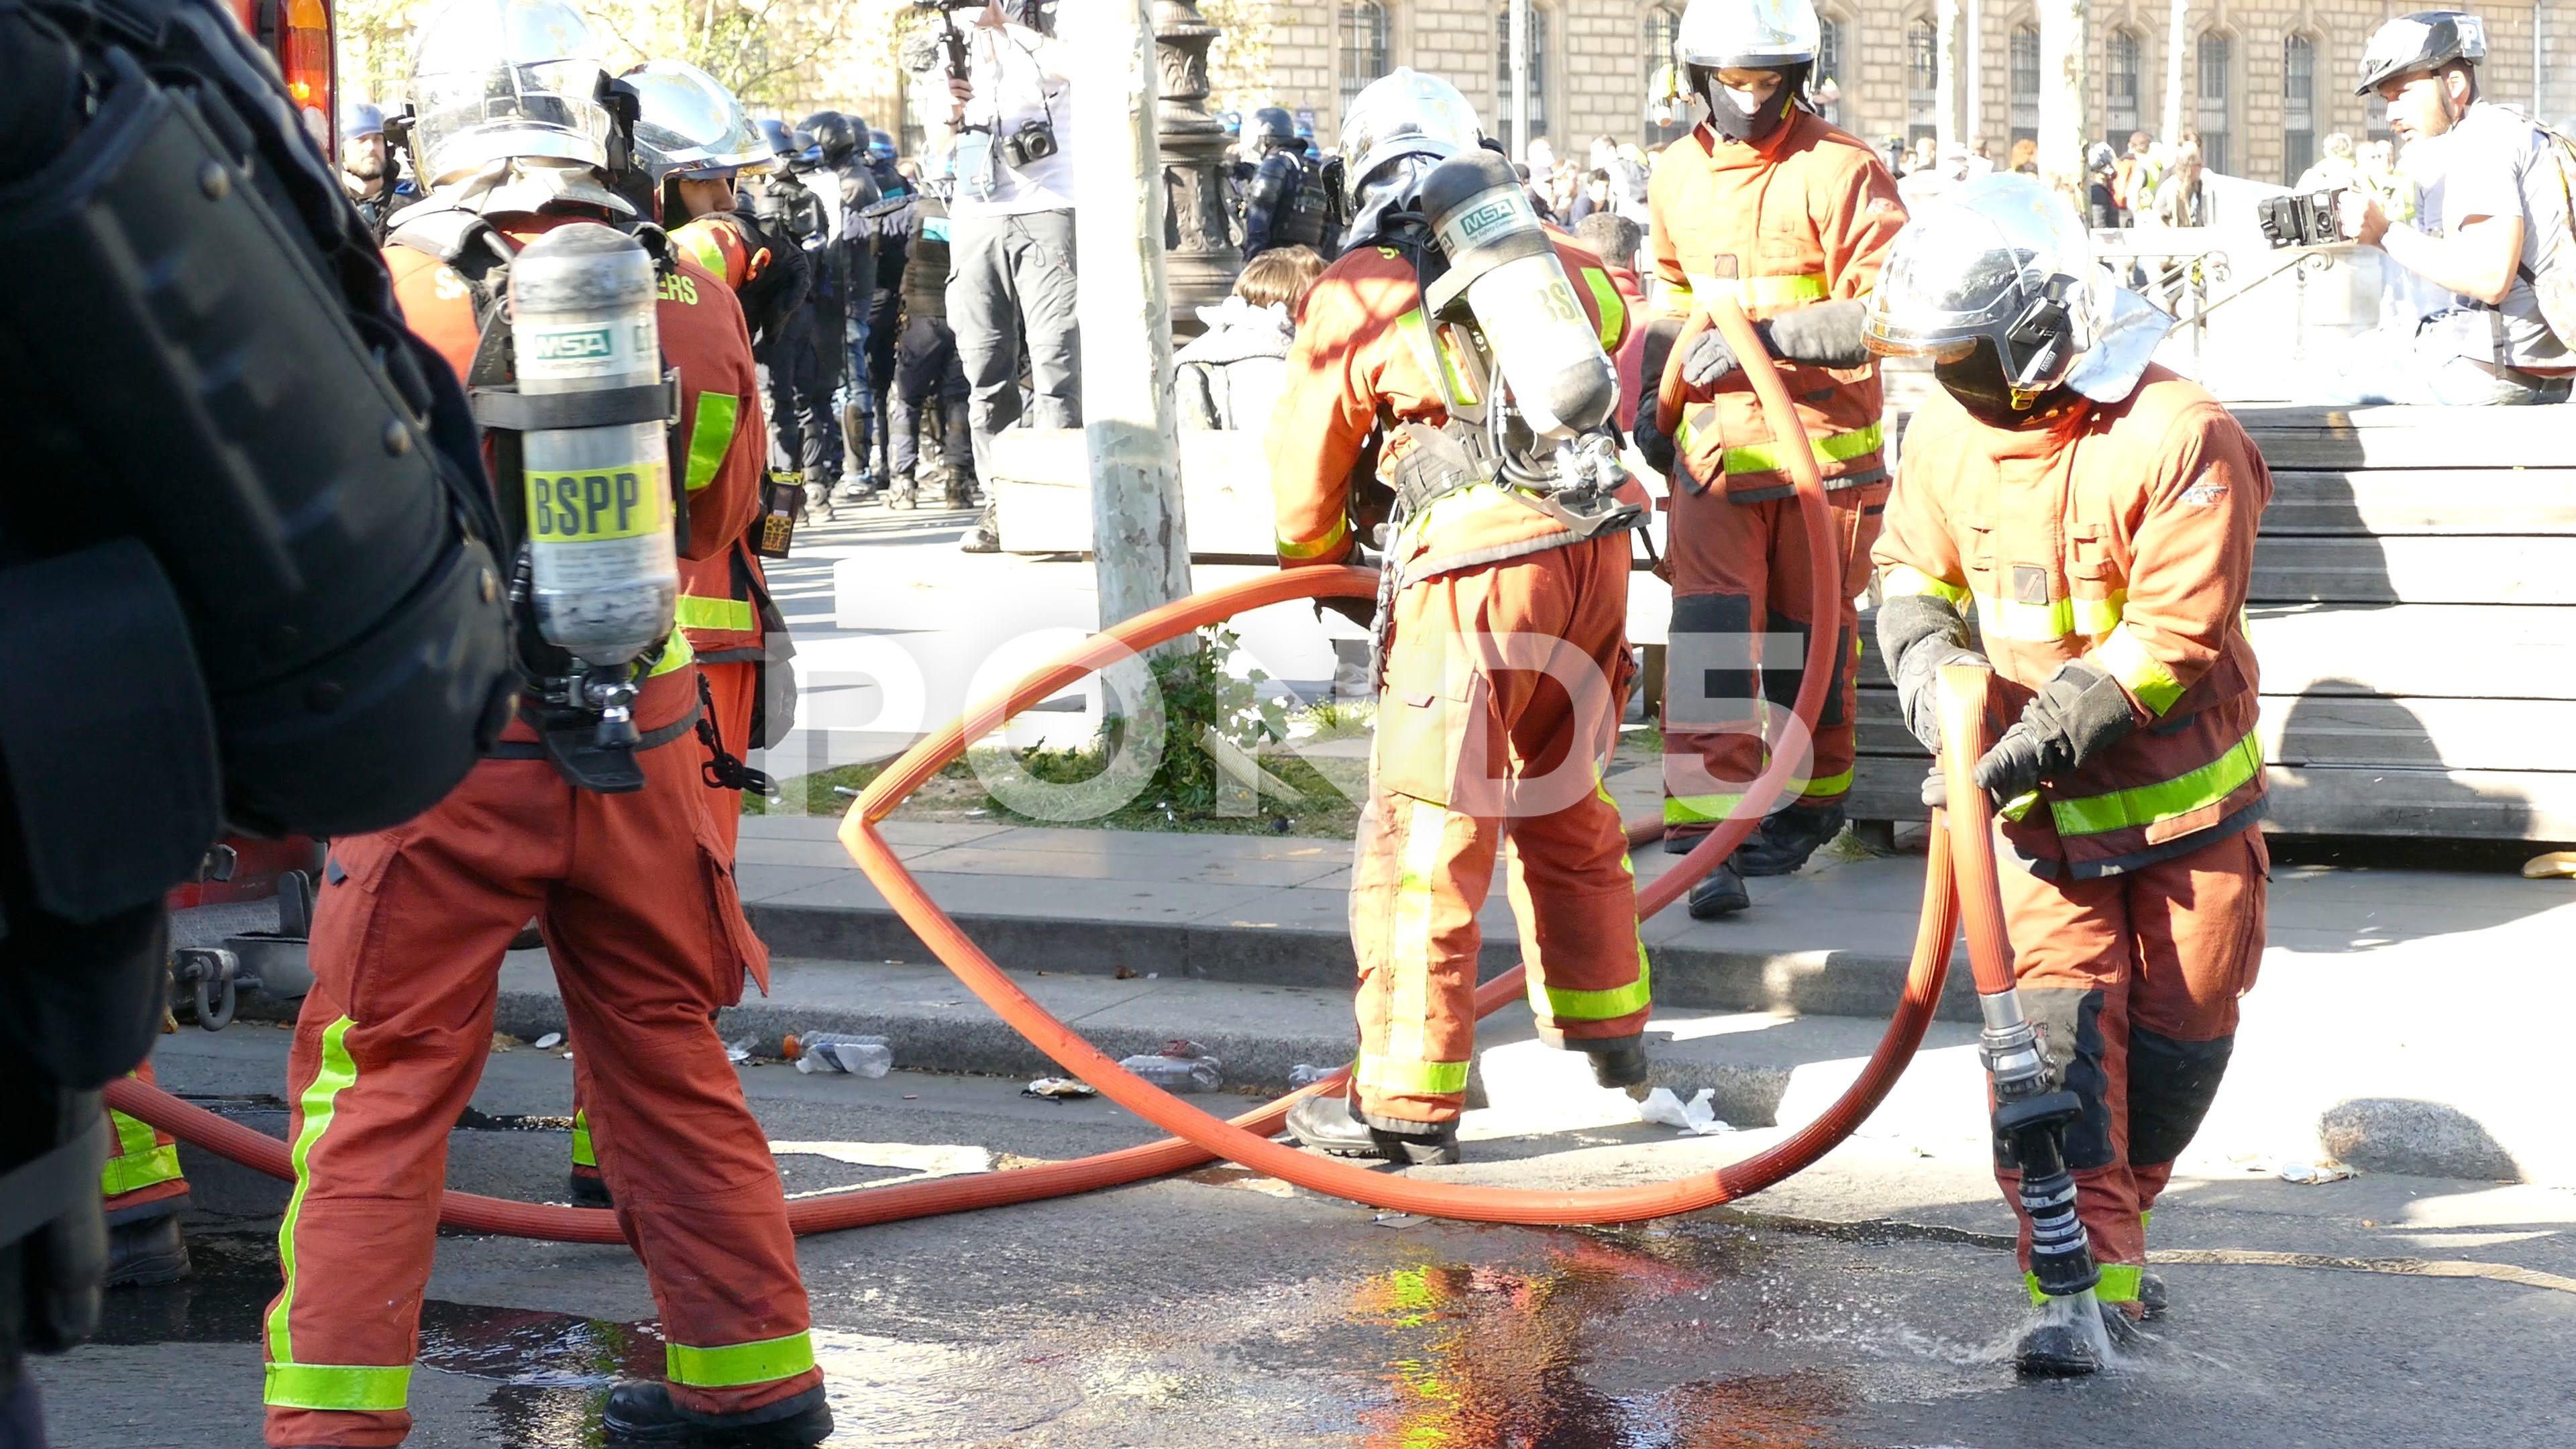 Scene Of Firefighters Extinguishing Fire At Place De La Republique